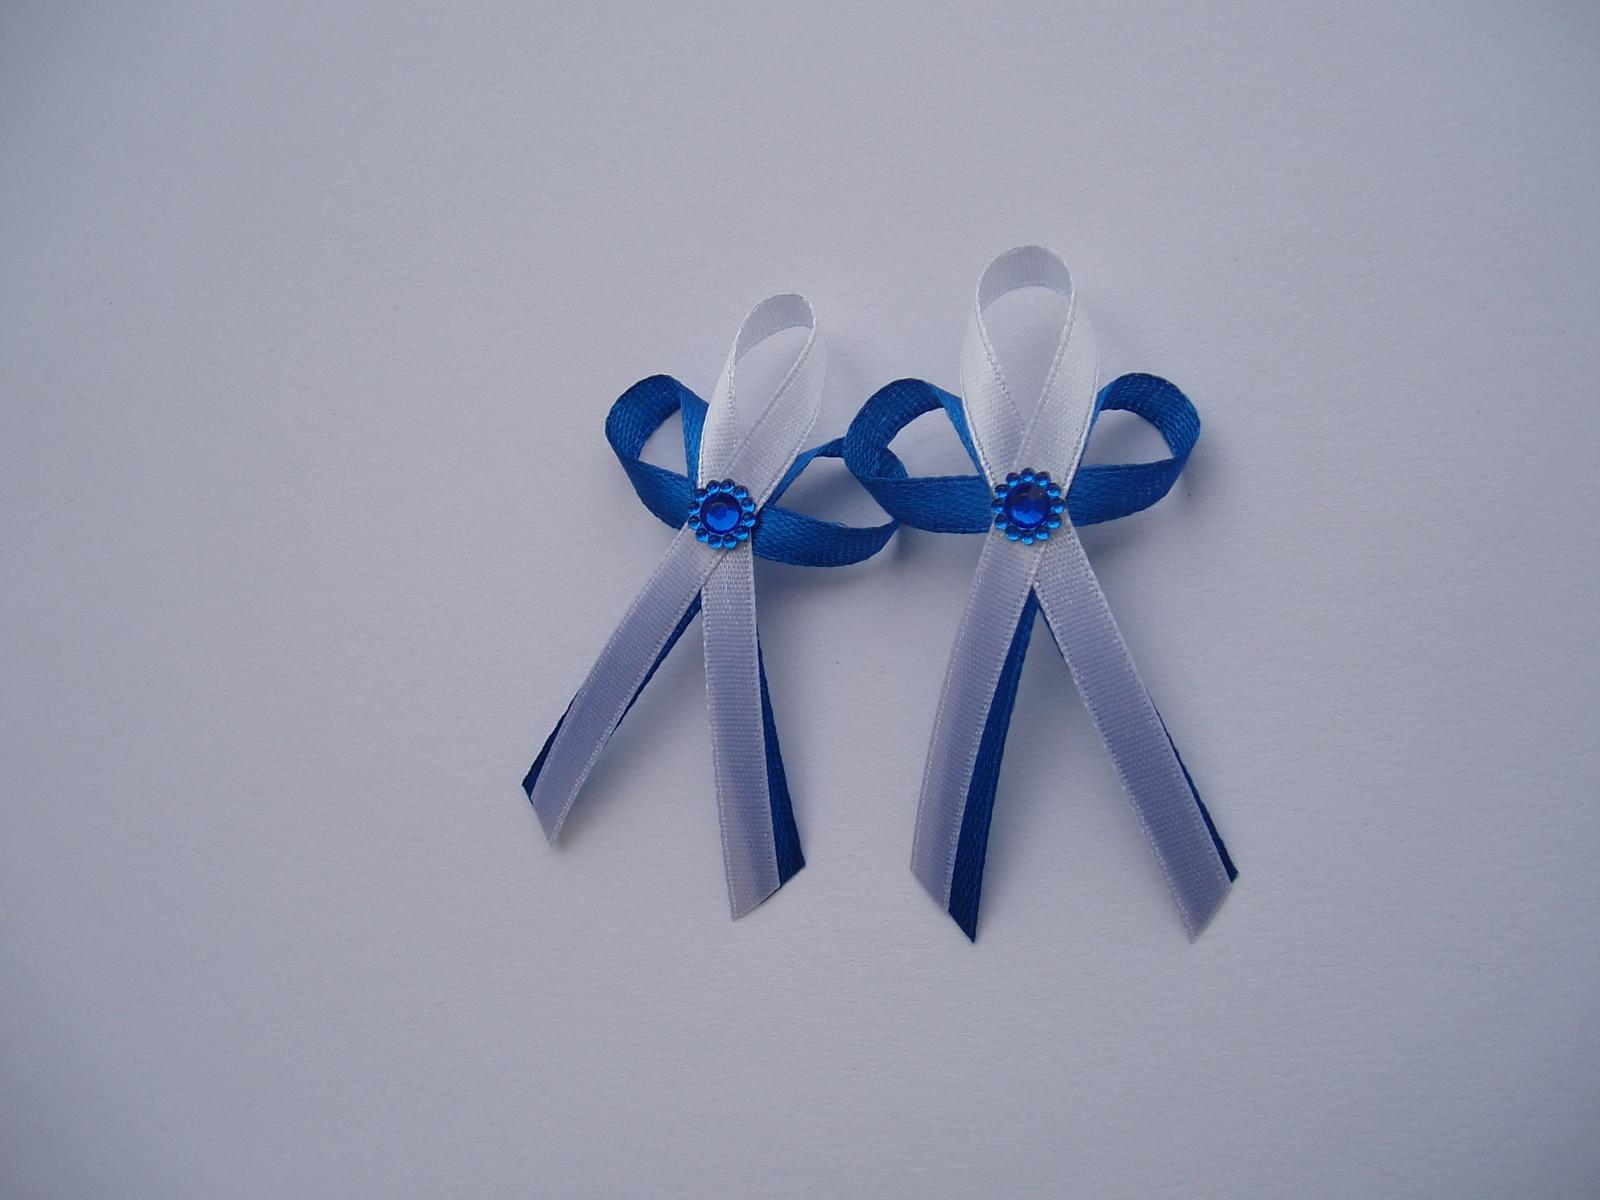 vývazek modrý - Obrázek č. 1